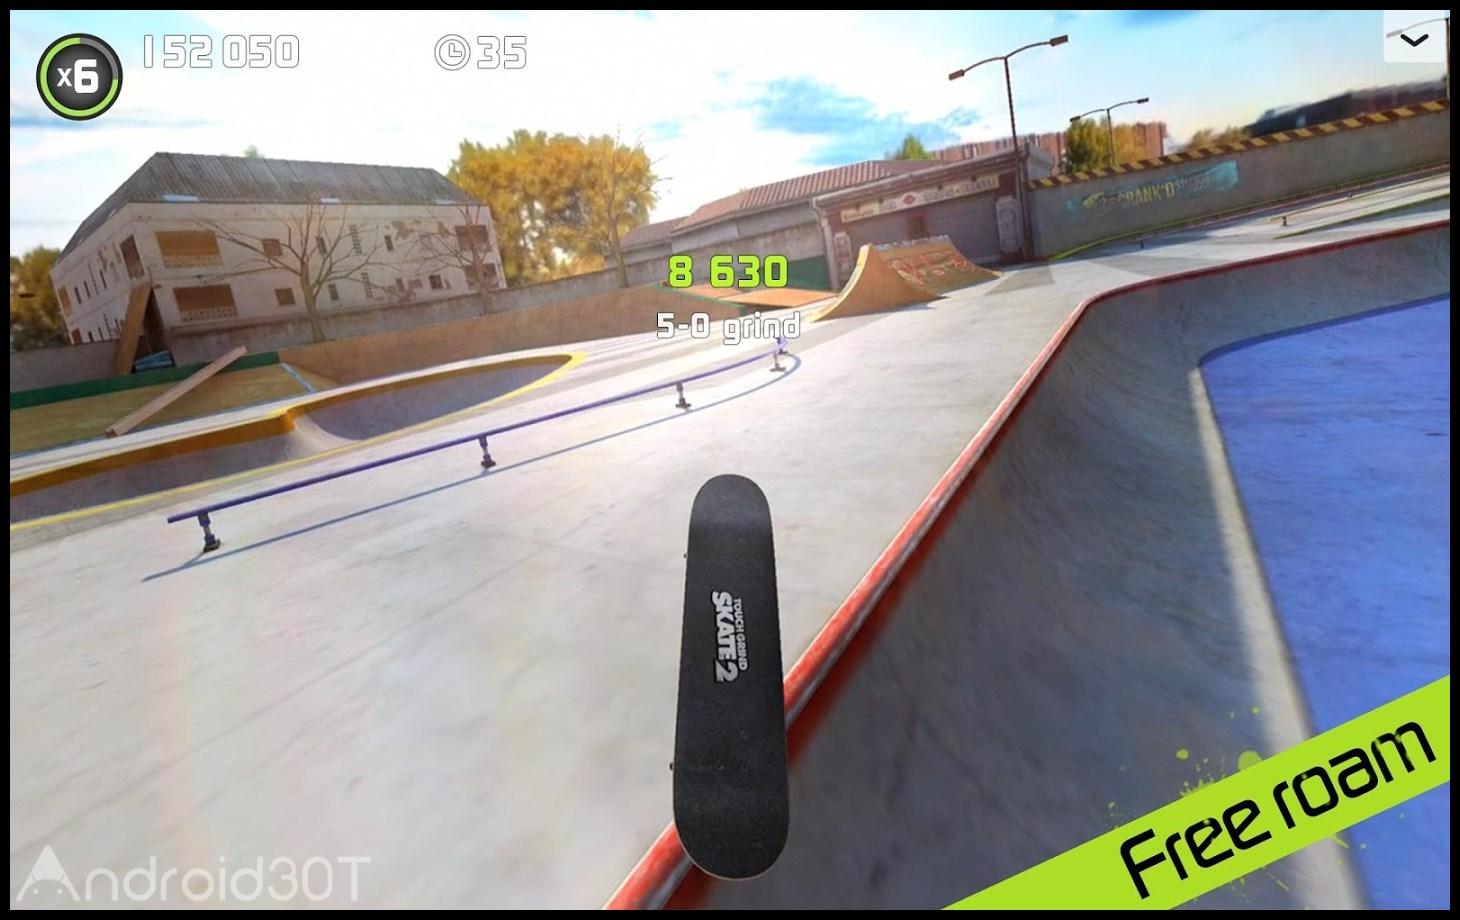 دانلود Touchgrind Skate 2 1.48- بازی اسکیت سواری لمسی ۲ اندروید